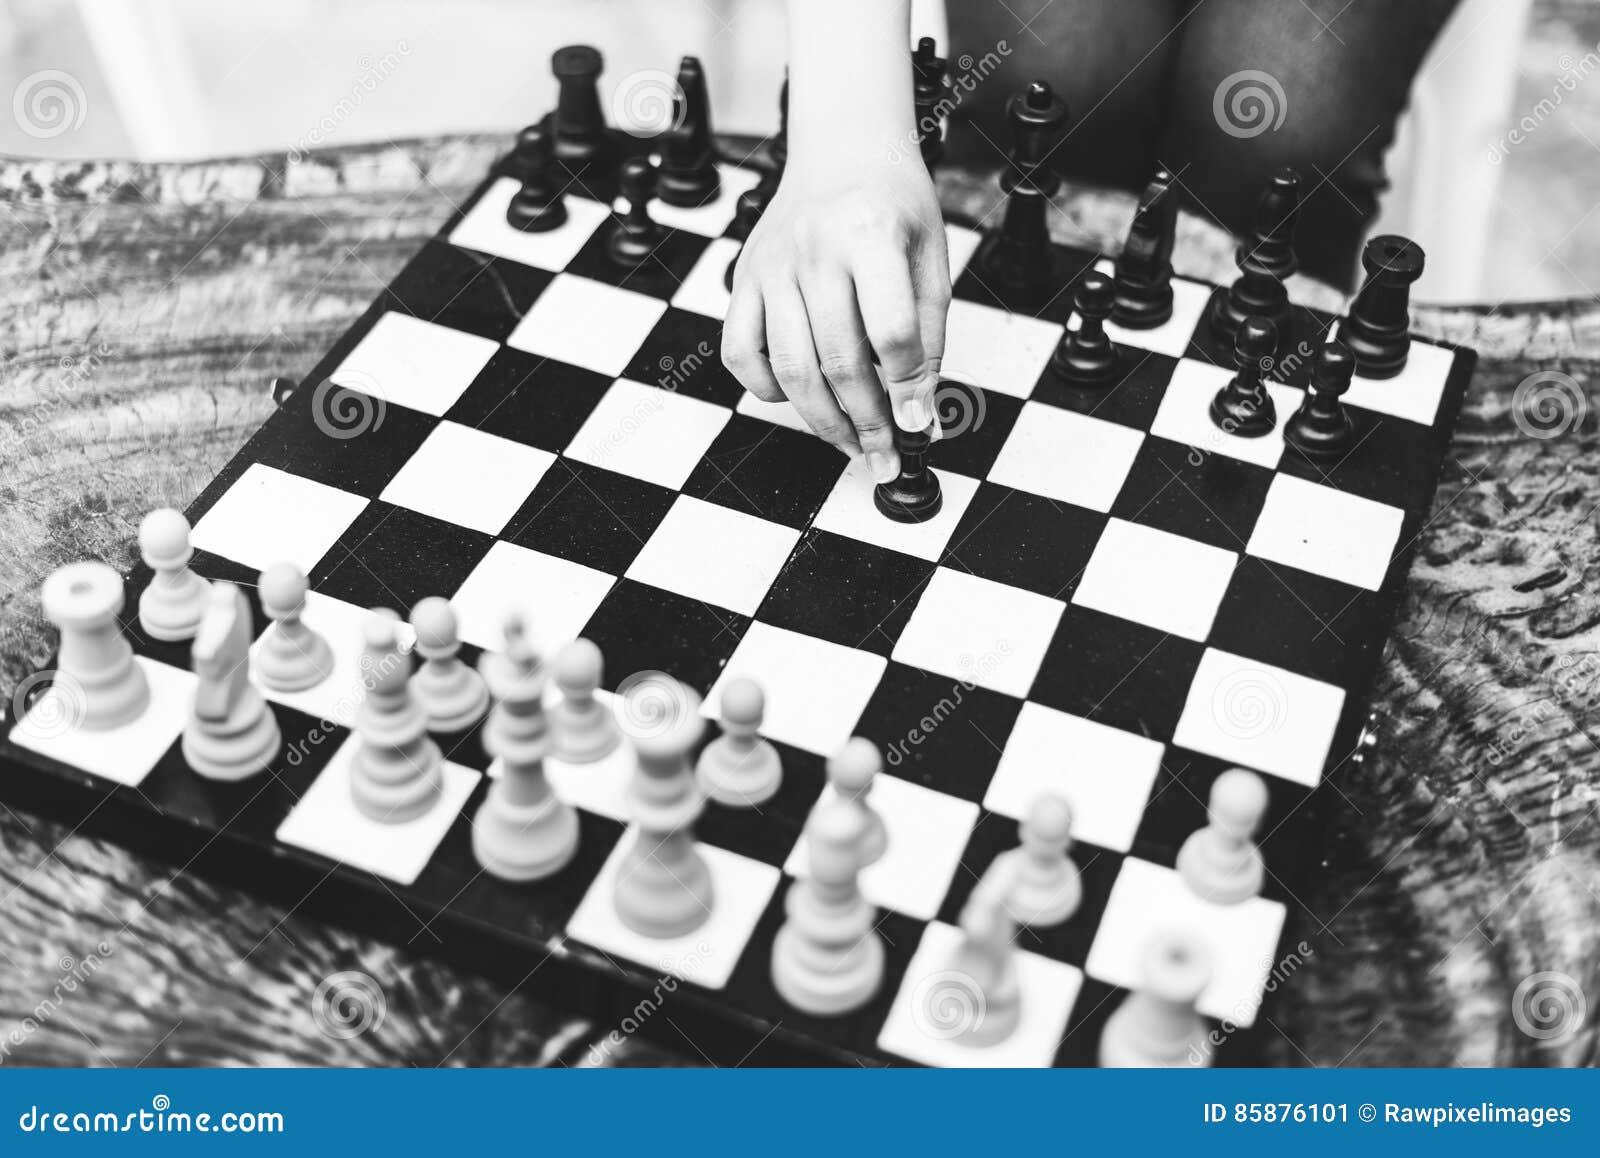 Spiel Strategie